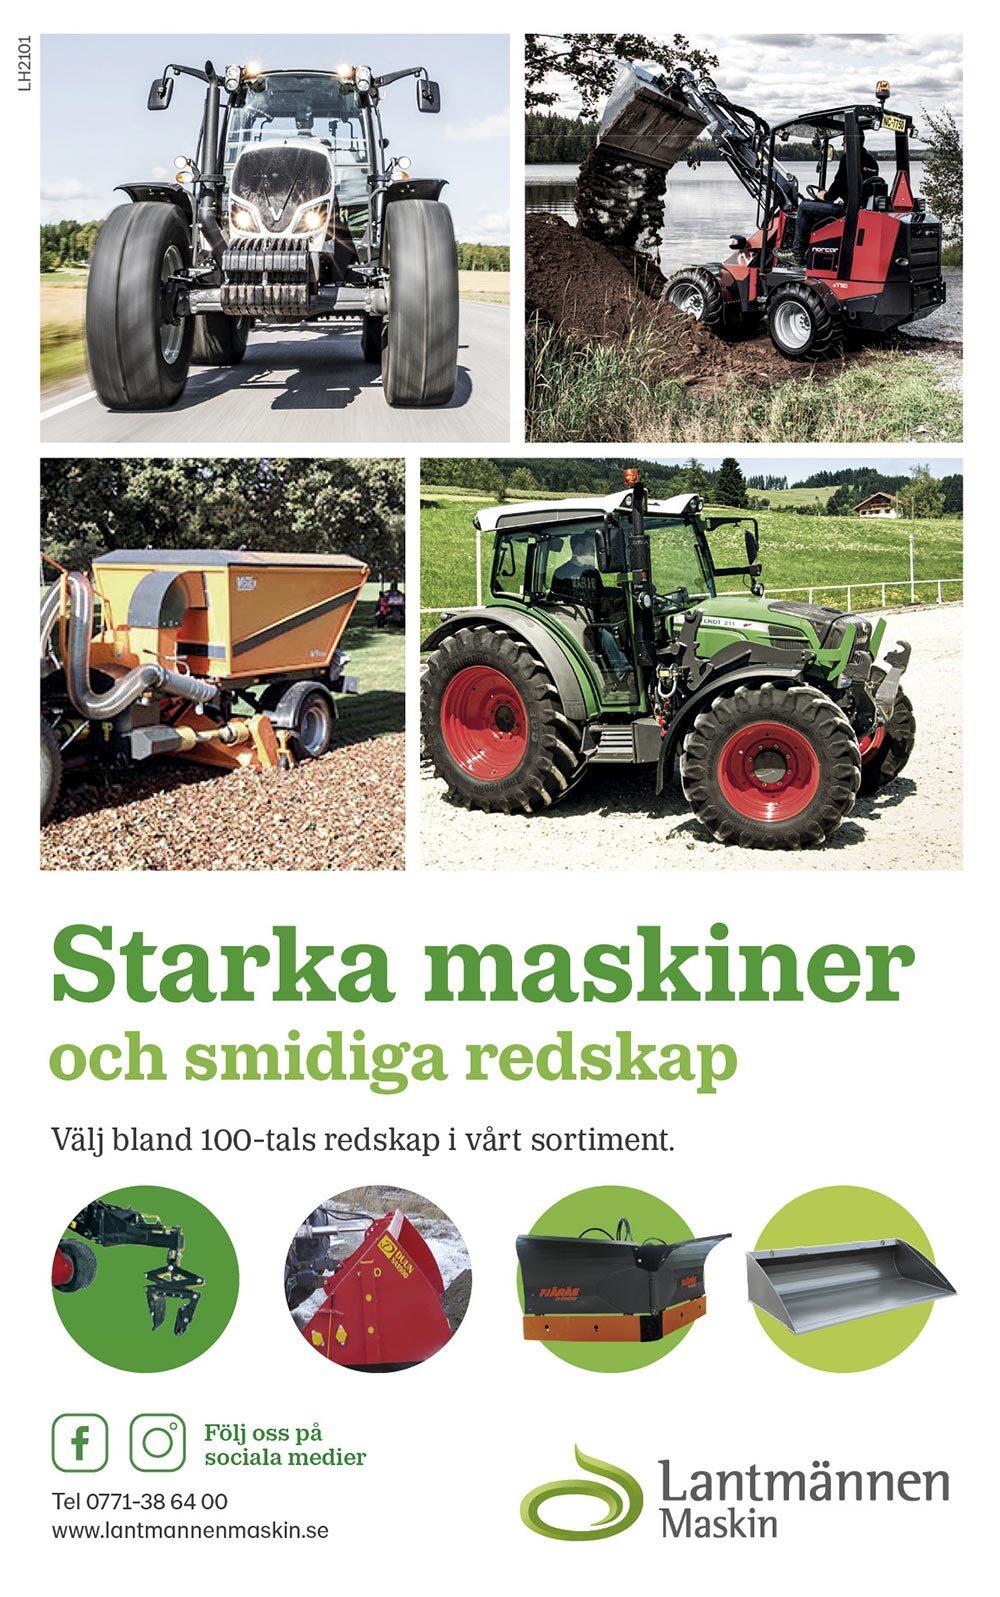 Lantmannen_Maskin_2021.jpg